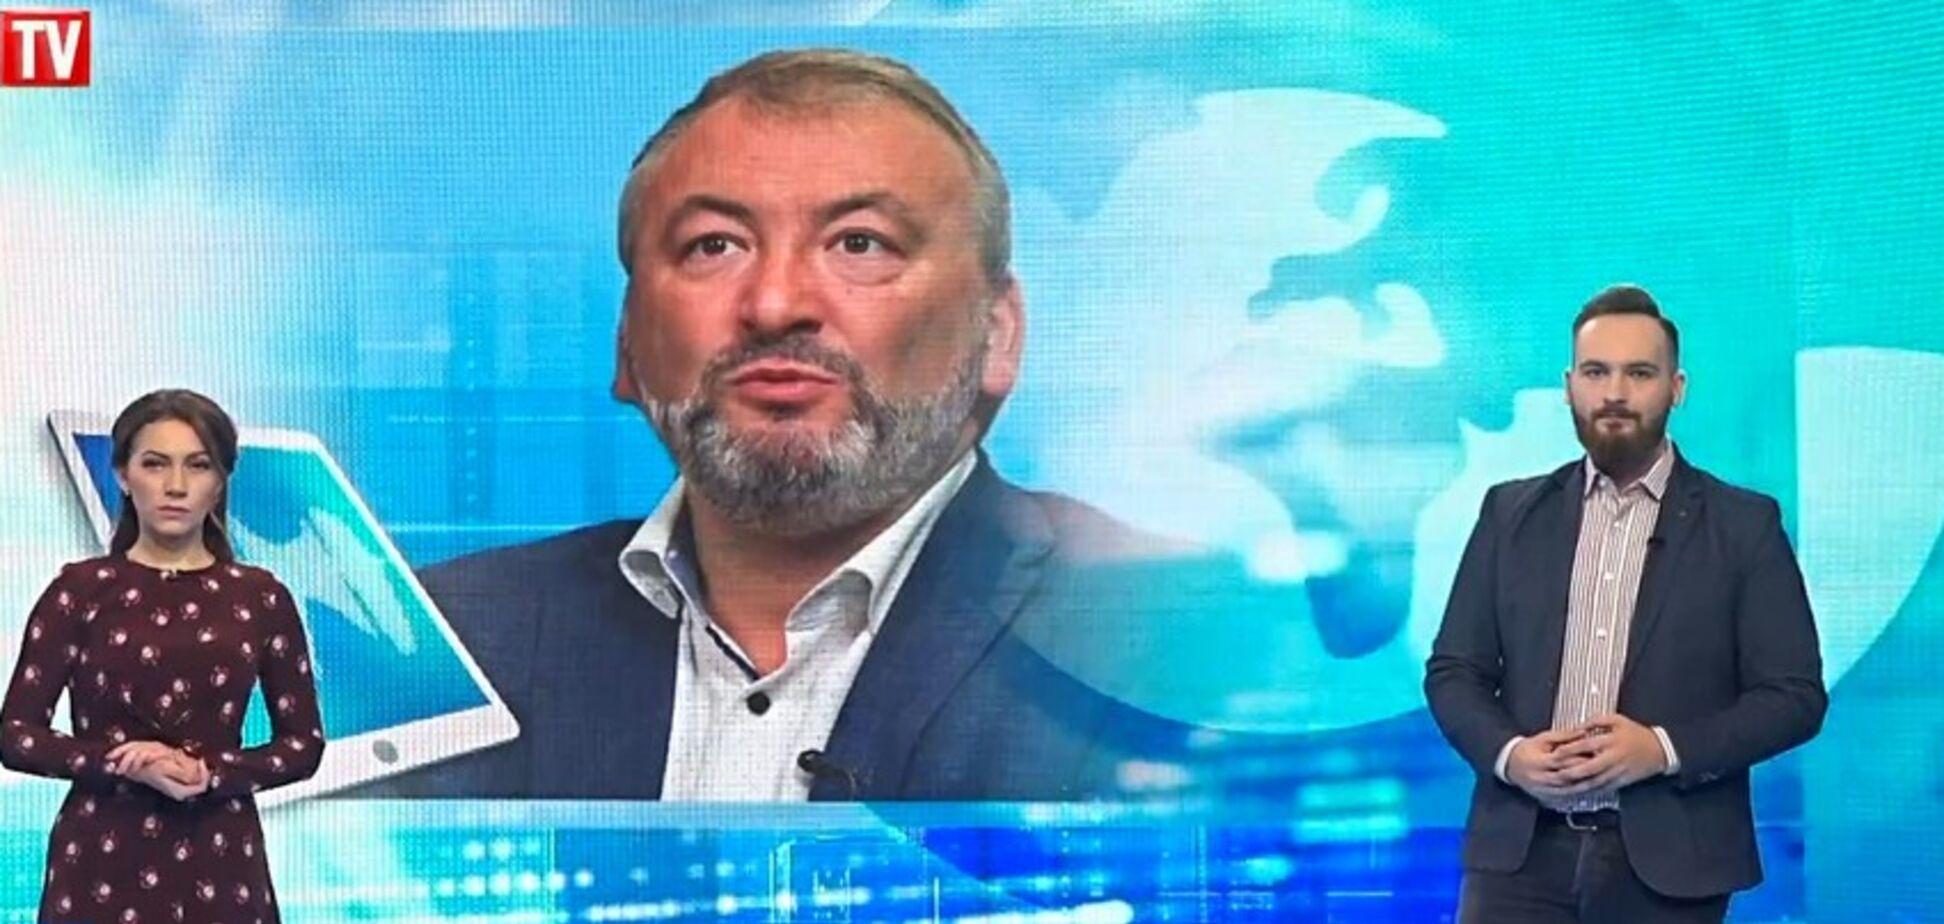 Трагедія чи перемога: Україні передбачили два шляхи після 'формули Штайнмаєра'